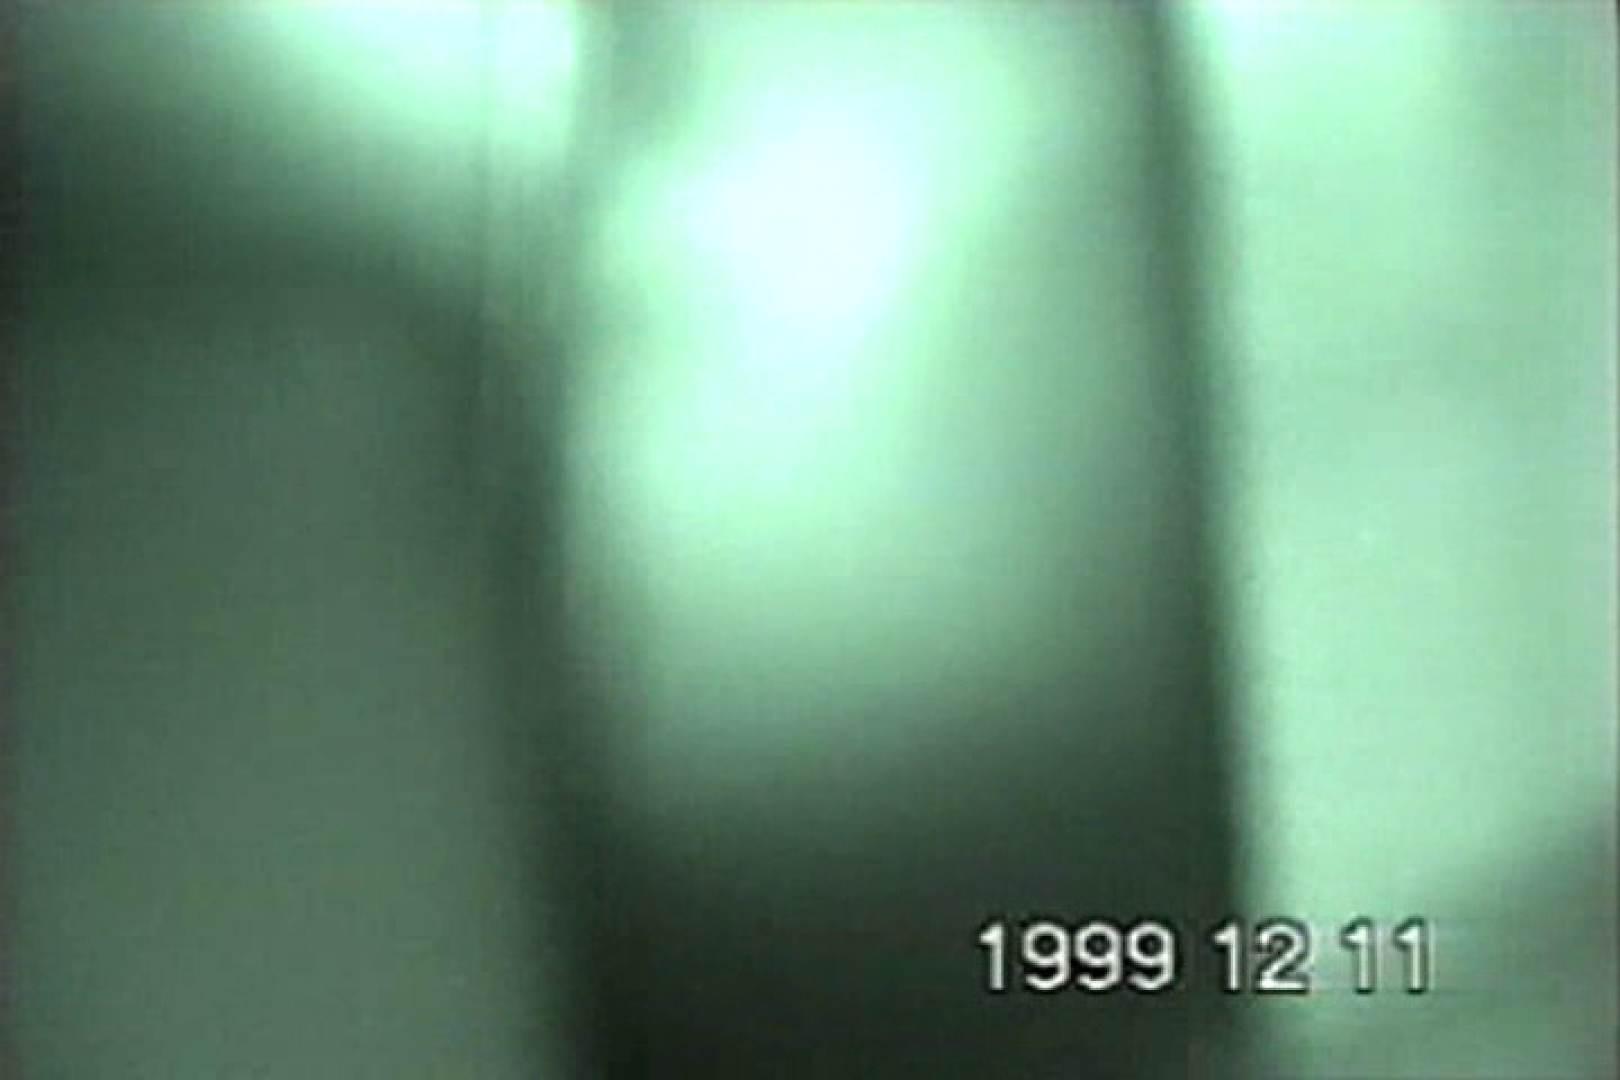 蔵出し!!赤外線カーセックスVol.7 赤外線 性交動画流出 107画像 47